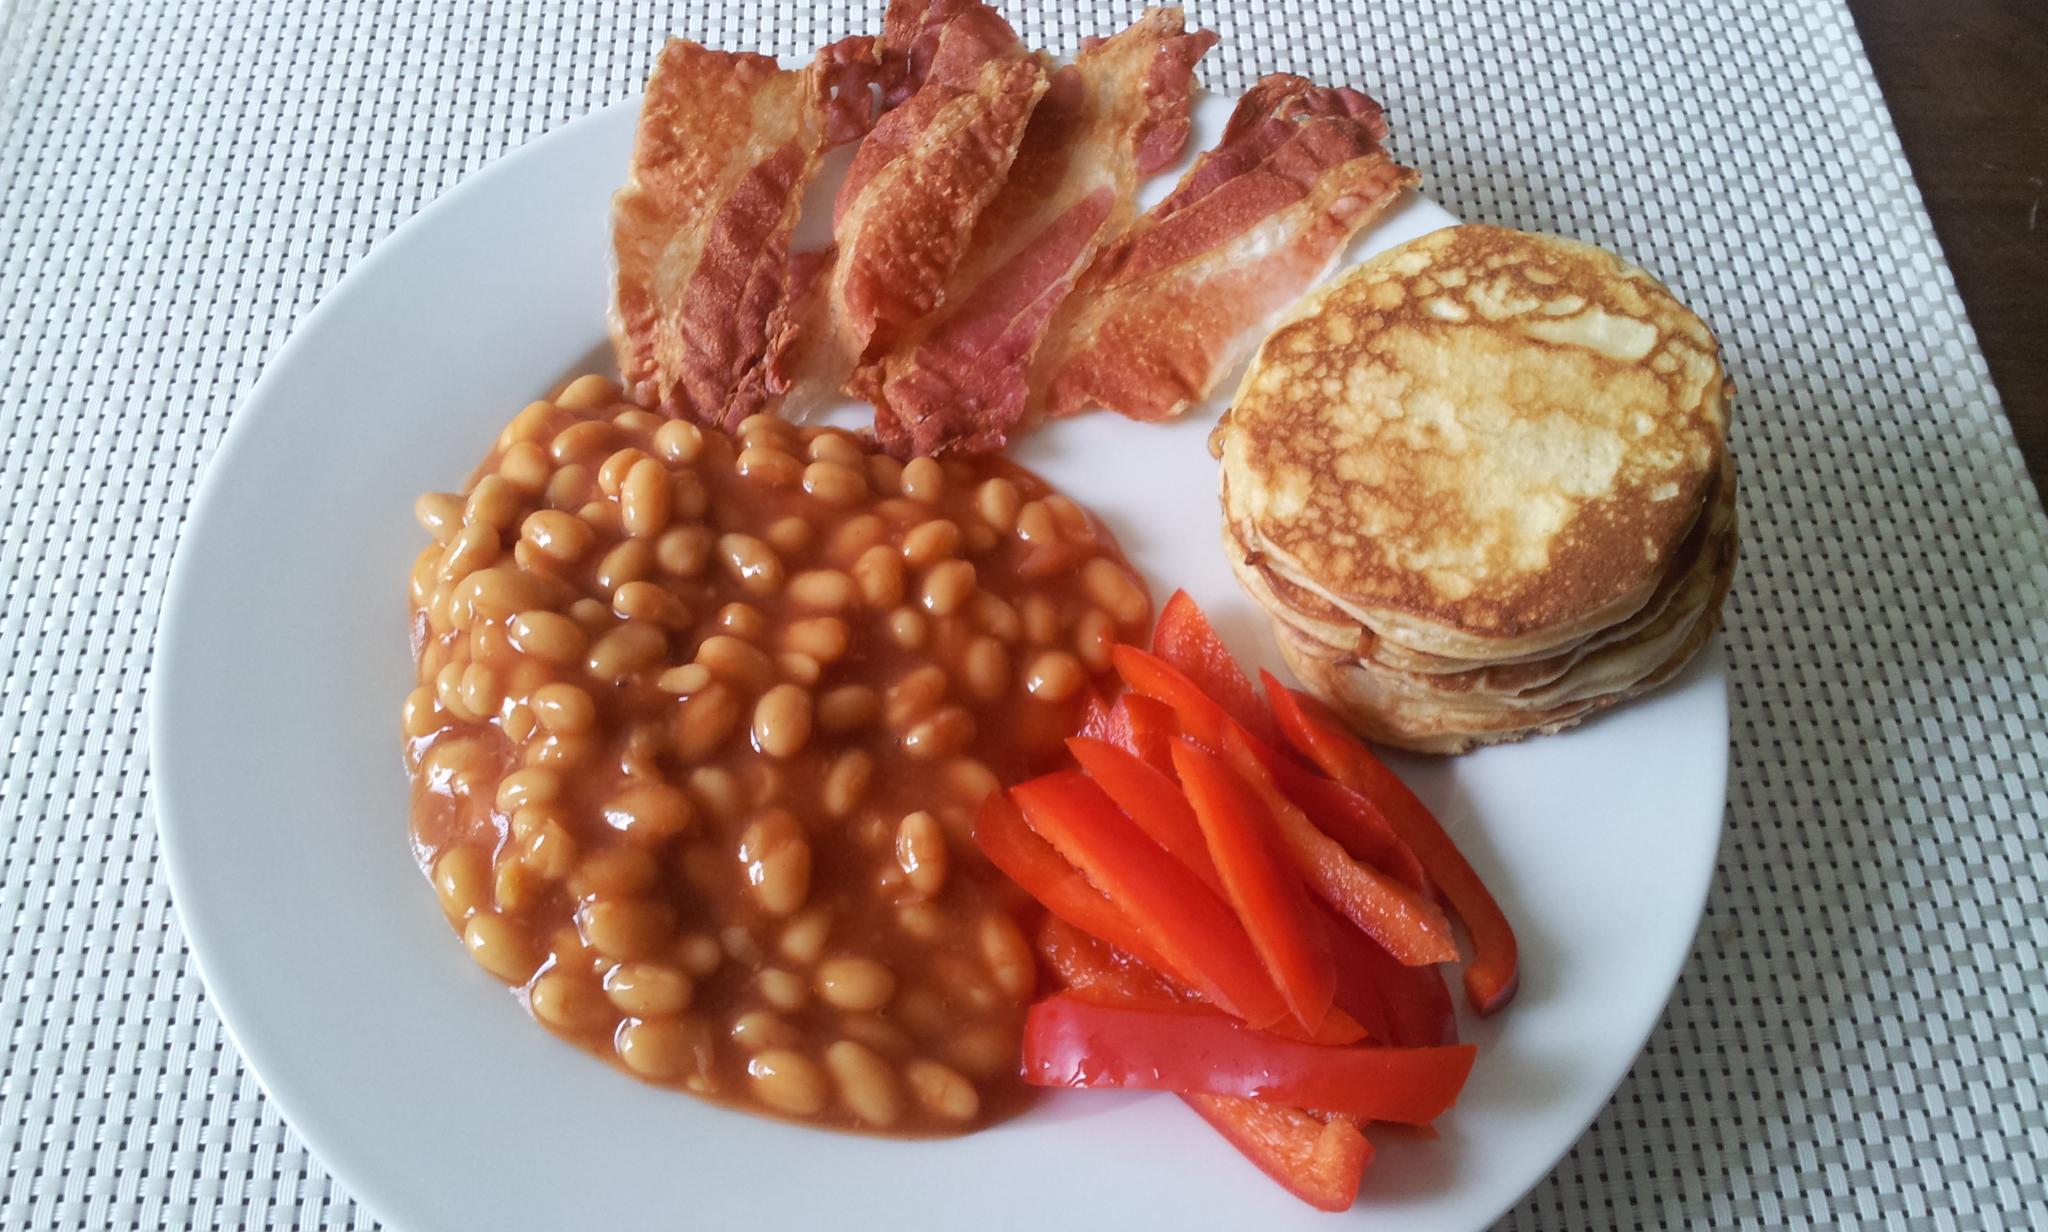 https://foodloader.net/Holz_2014-08-10_Pancakes_und_Bacon_und_Heinz_Beanz_und_Paprika.jpg